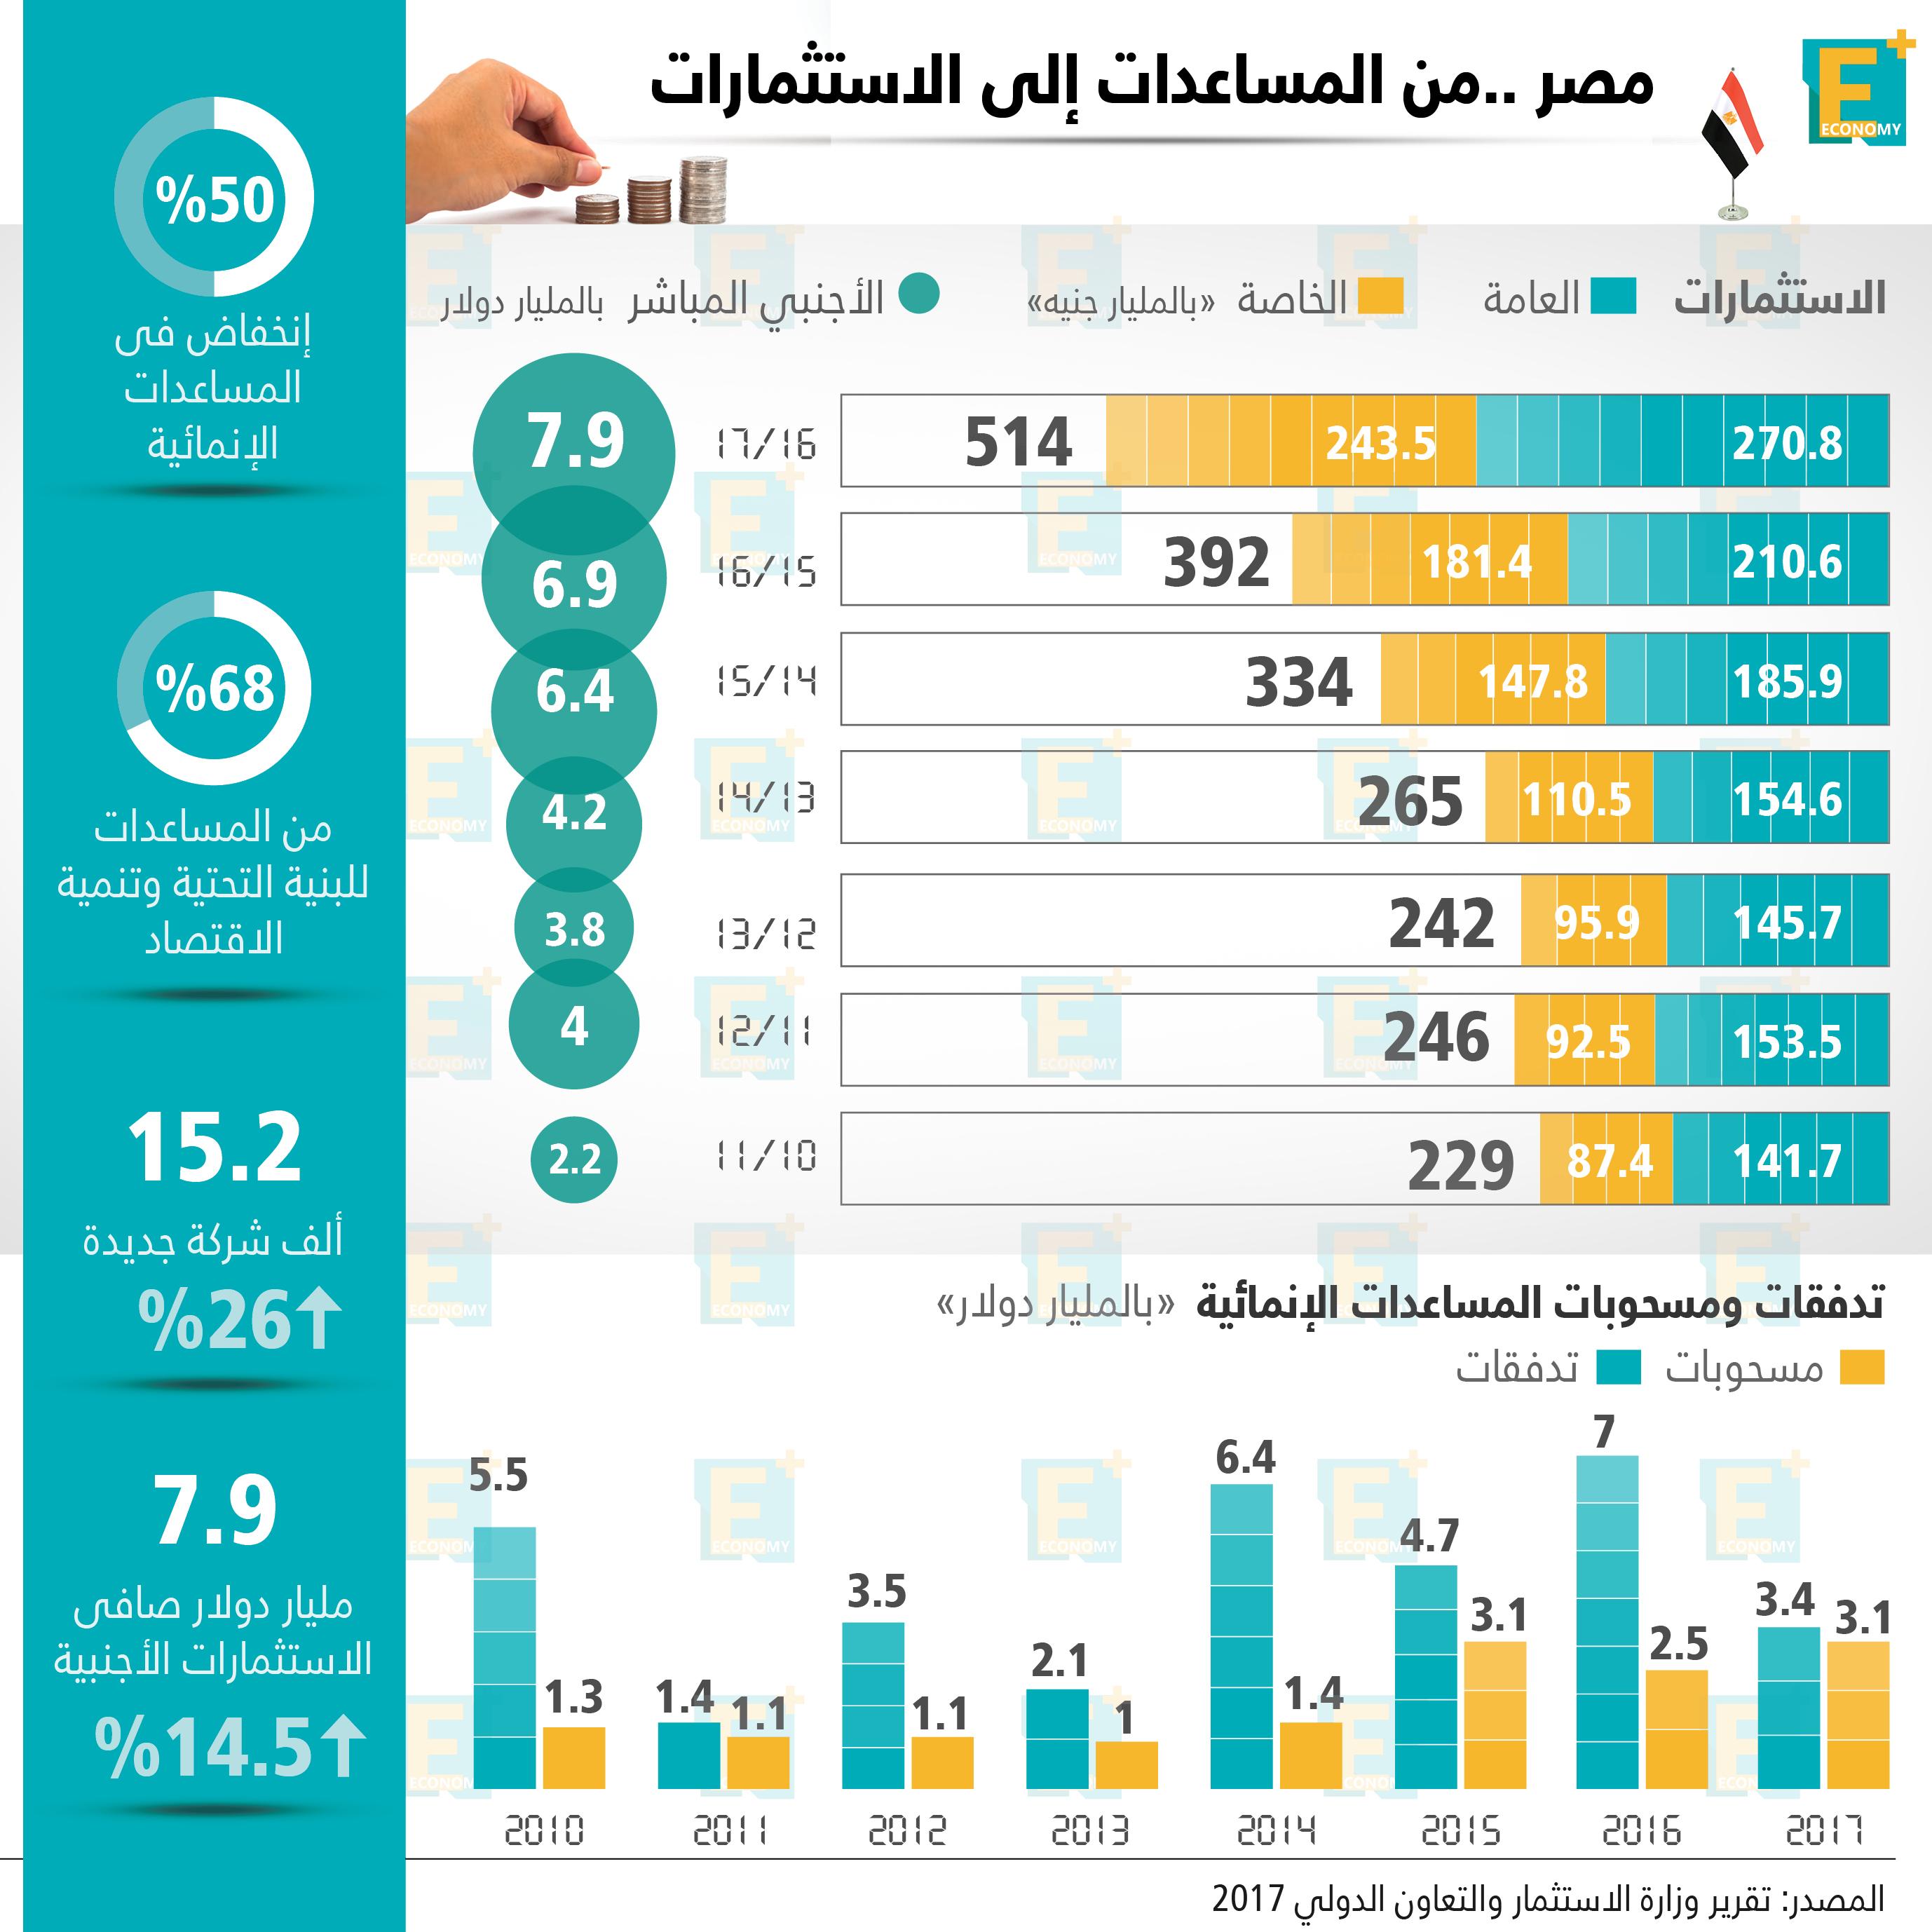 مصر .. من المساعدات إلى تعزيز الاستثمارات